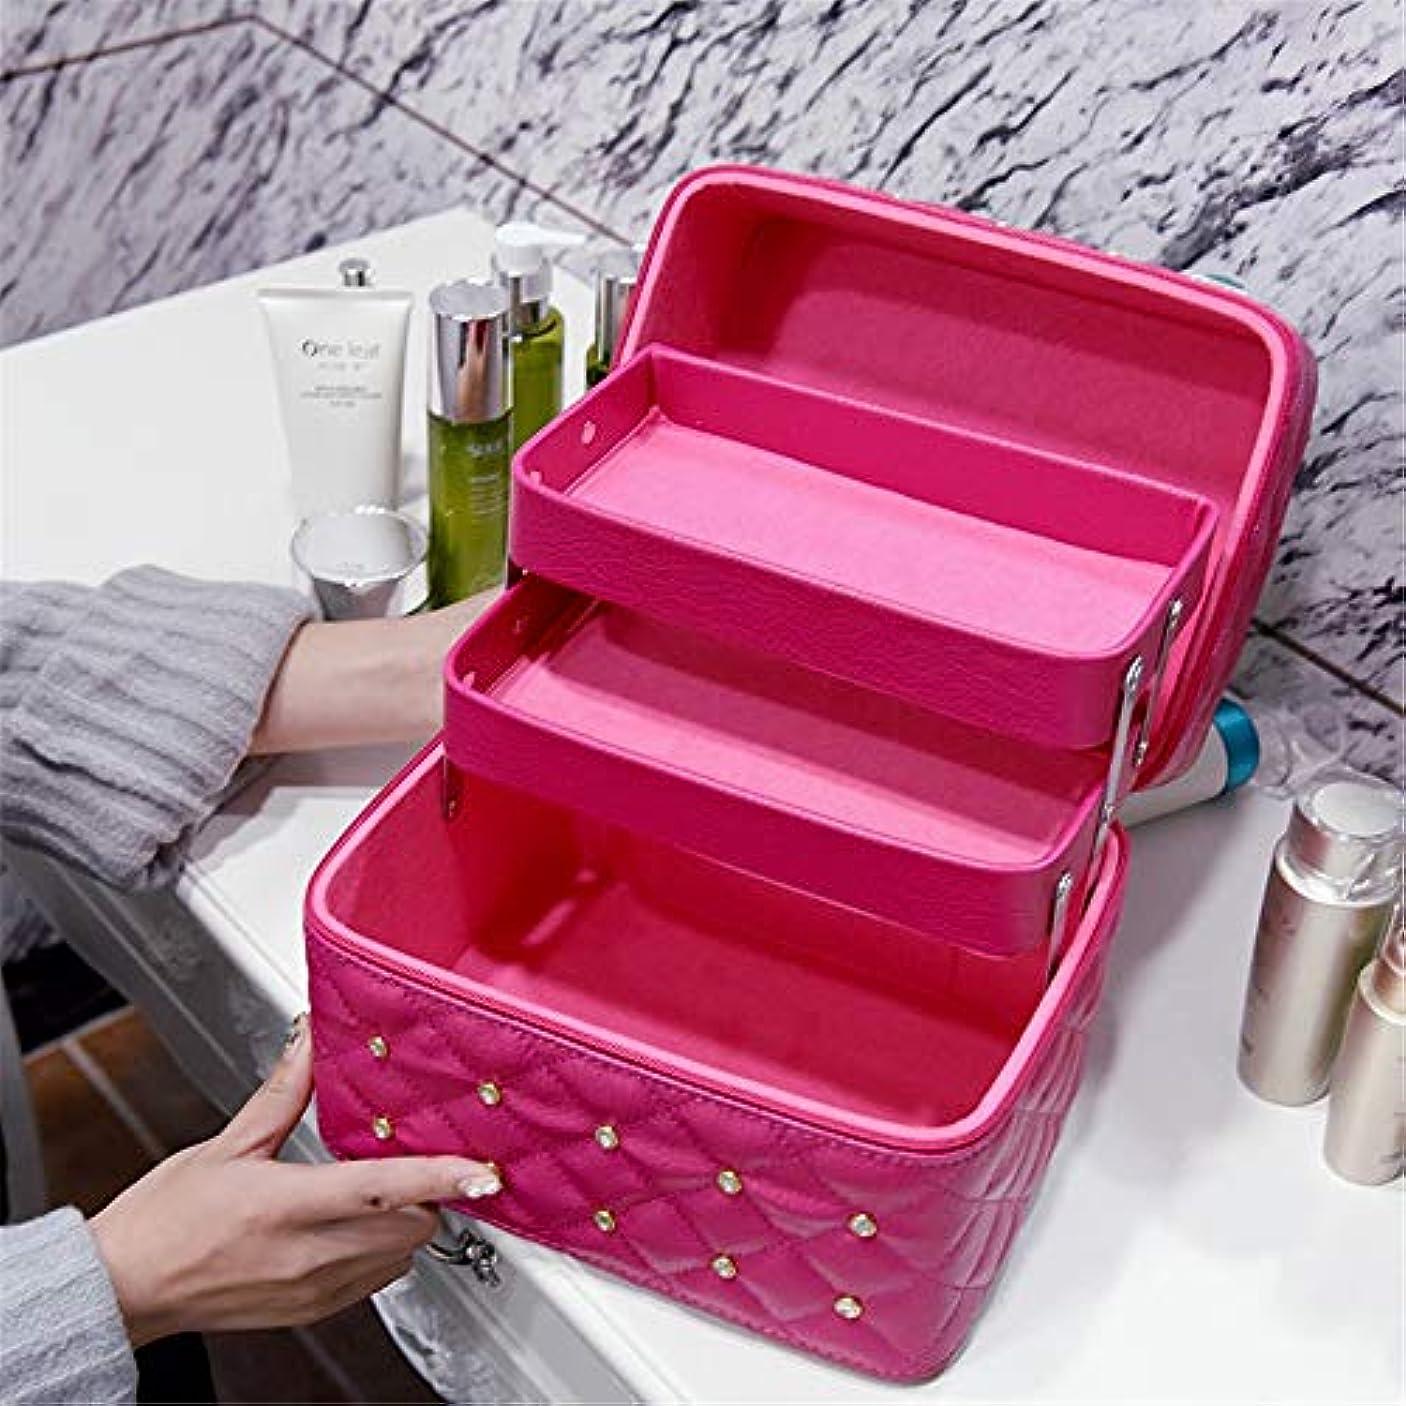 理論的フローティング確執特大スペース収納ビューティーボックス 美の構造のためそしてジッパーおよび折る皿が付いている女の子の女性旅行そして毎日の貯蔵のための高容量の携帯用化粧品袋 化粧品化粧台